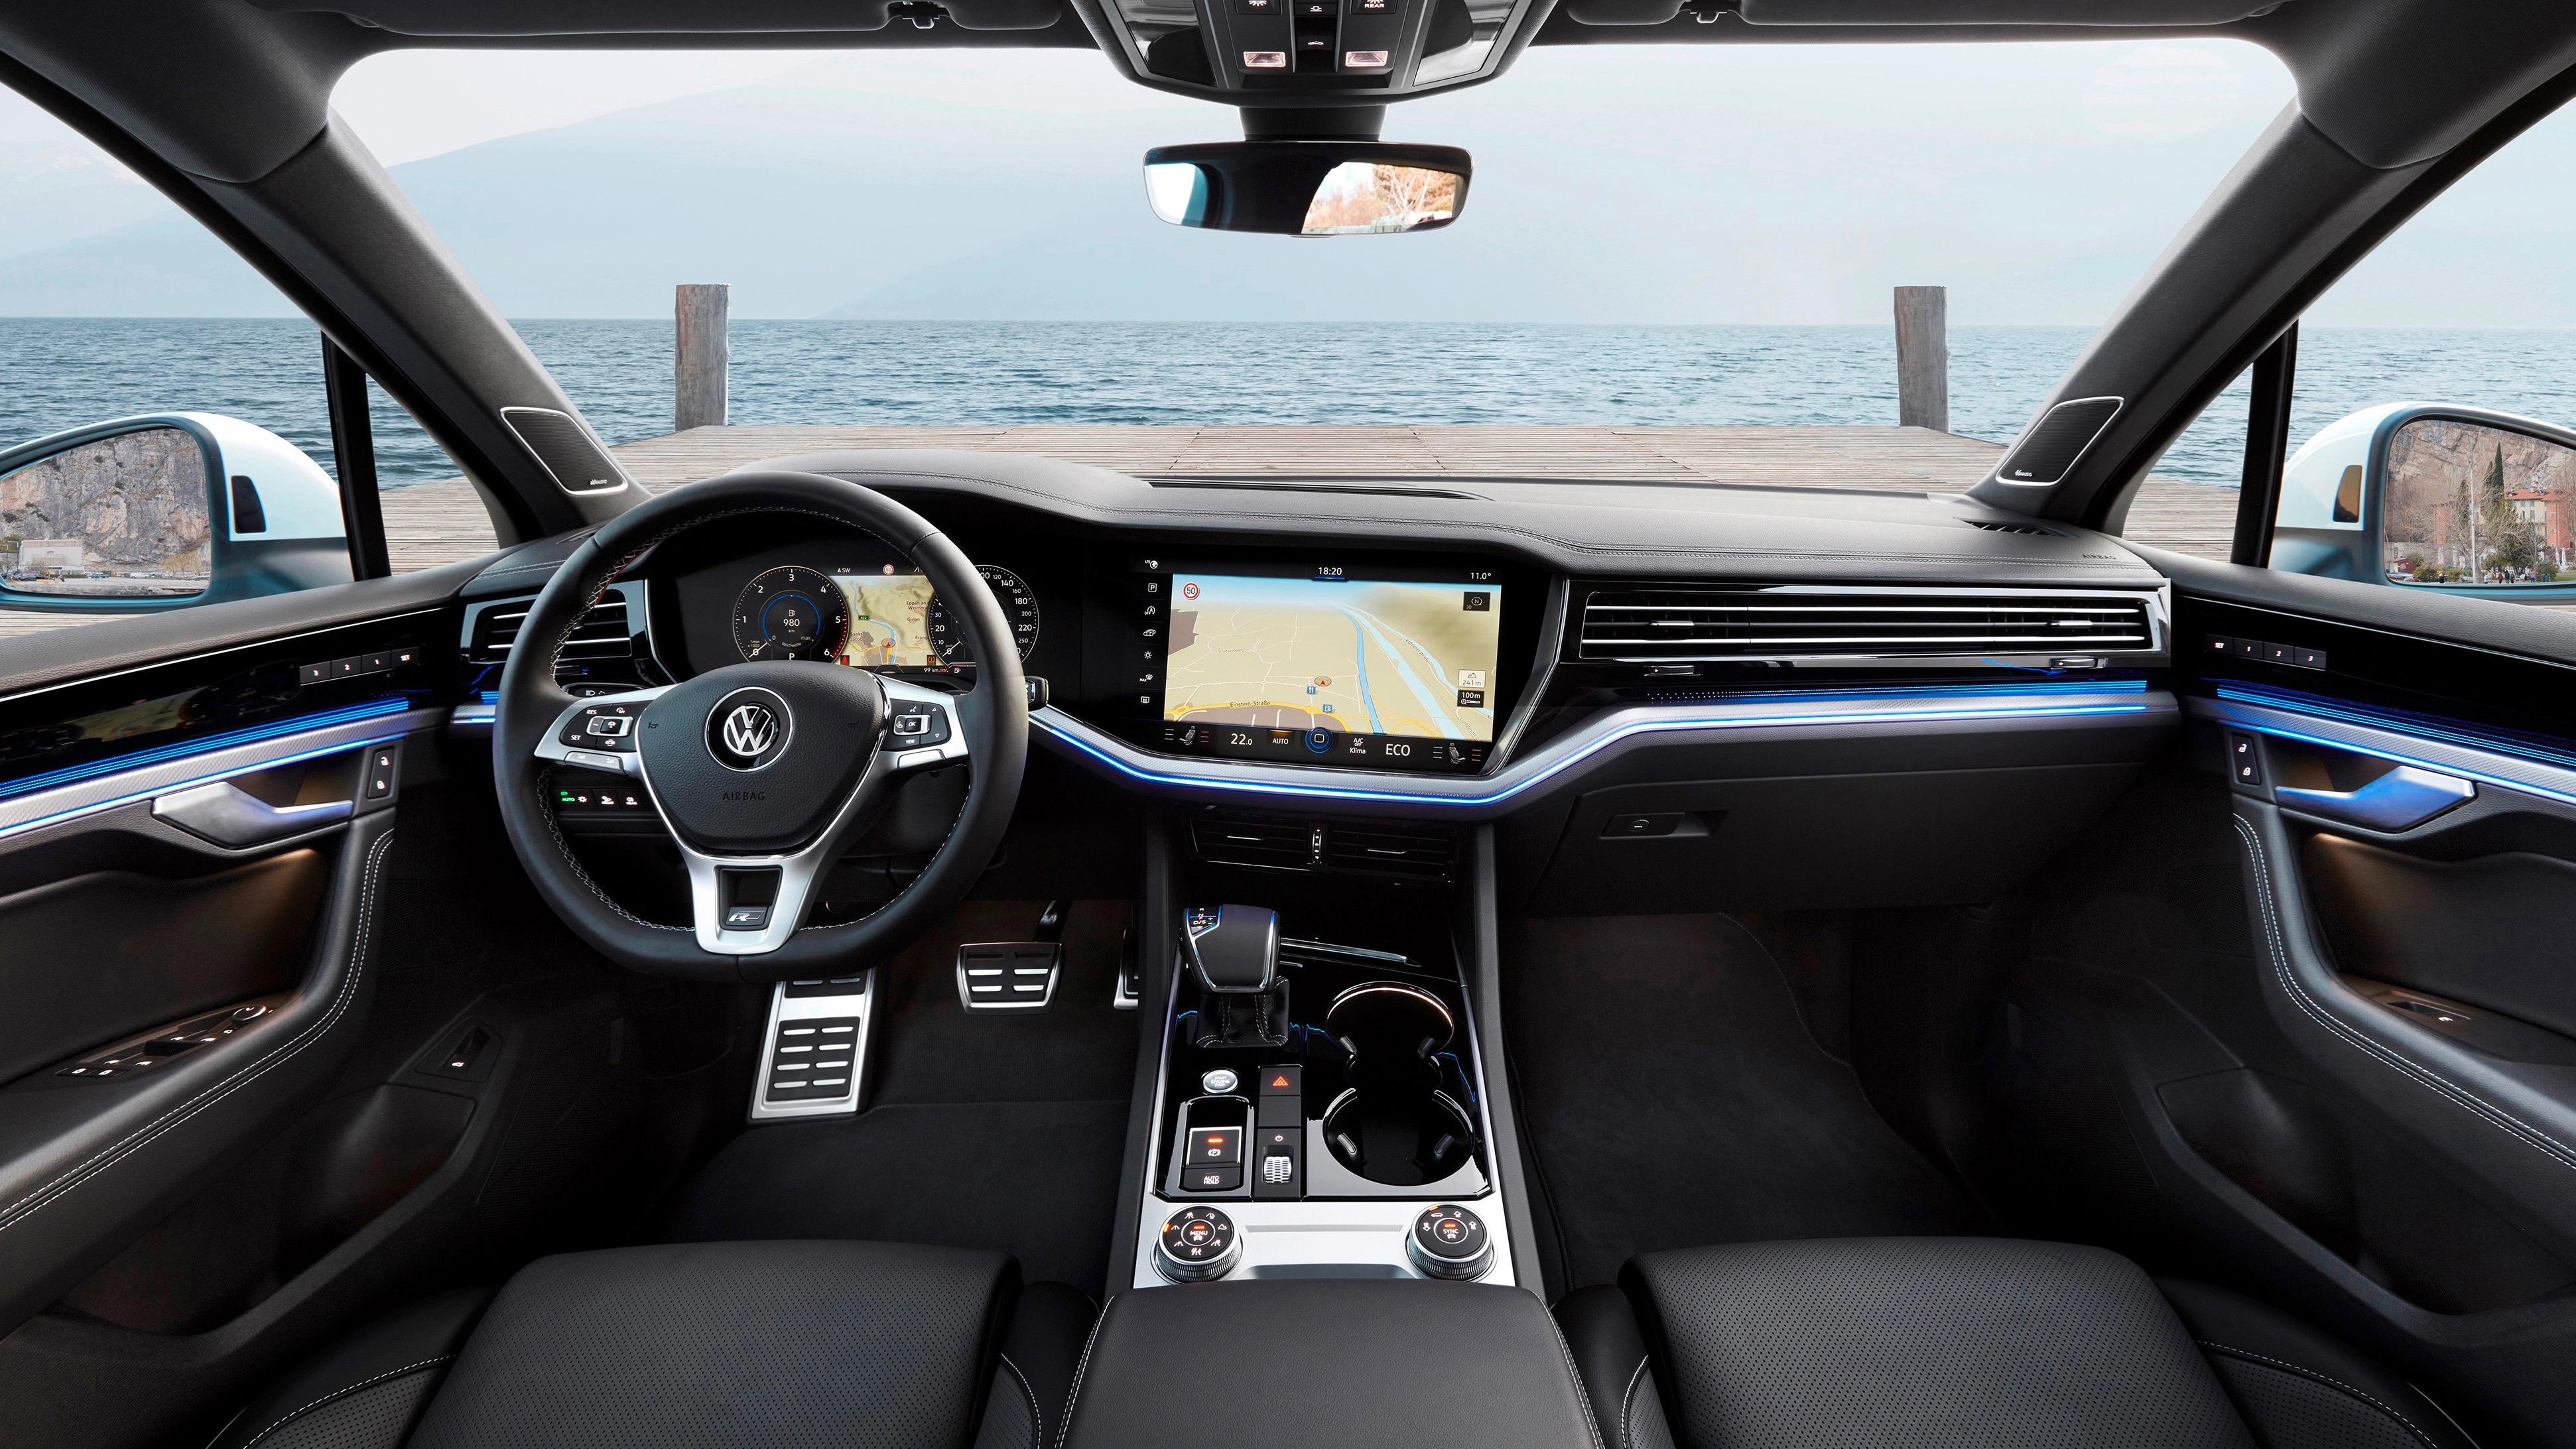 Volkswagen Touareg R-Line interior 1